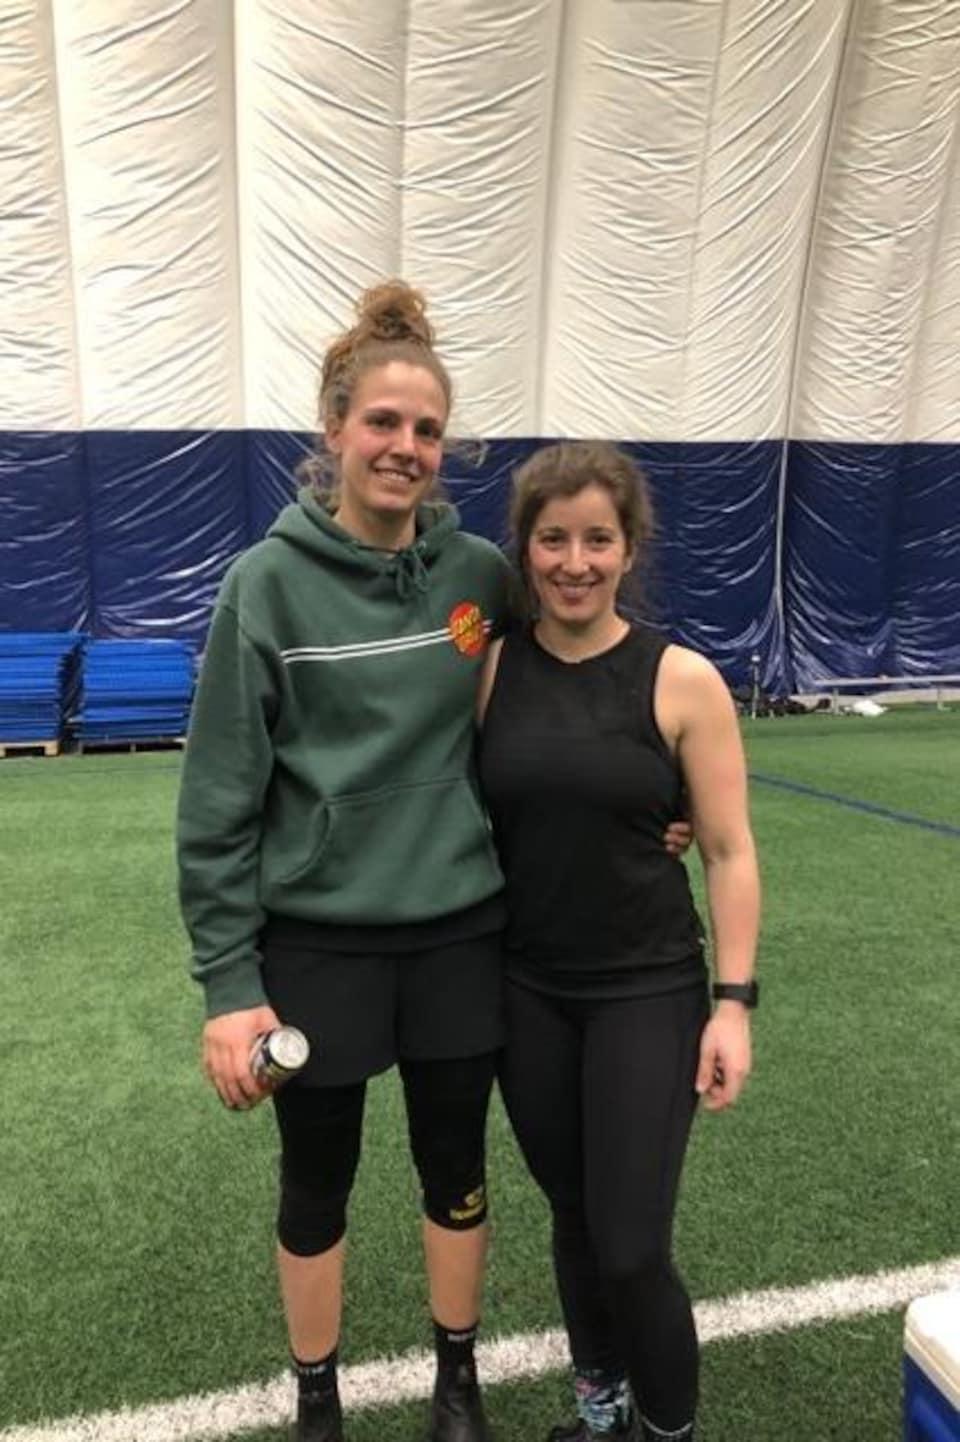 Frédérique Crête et Pamela Mimeault  lors d'un entraînement de spikeball